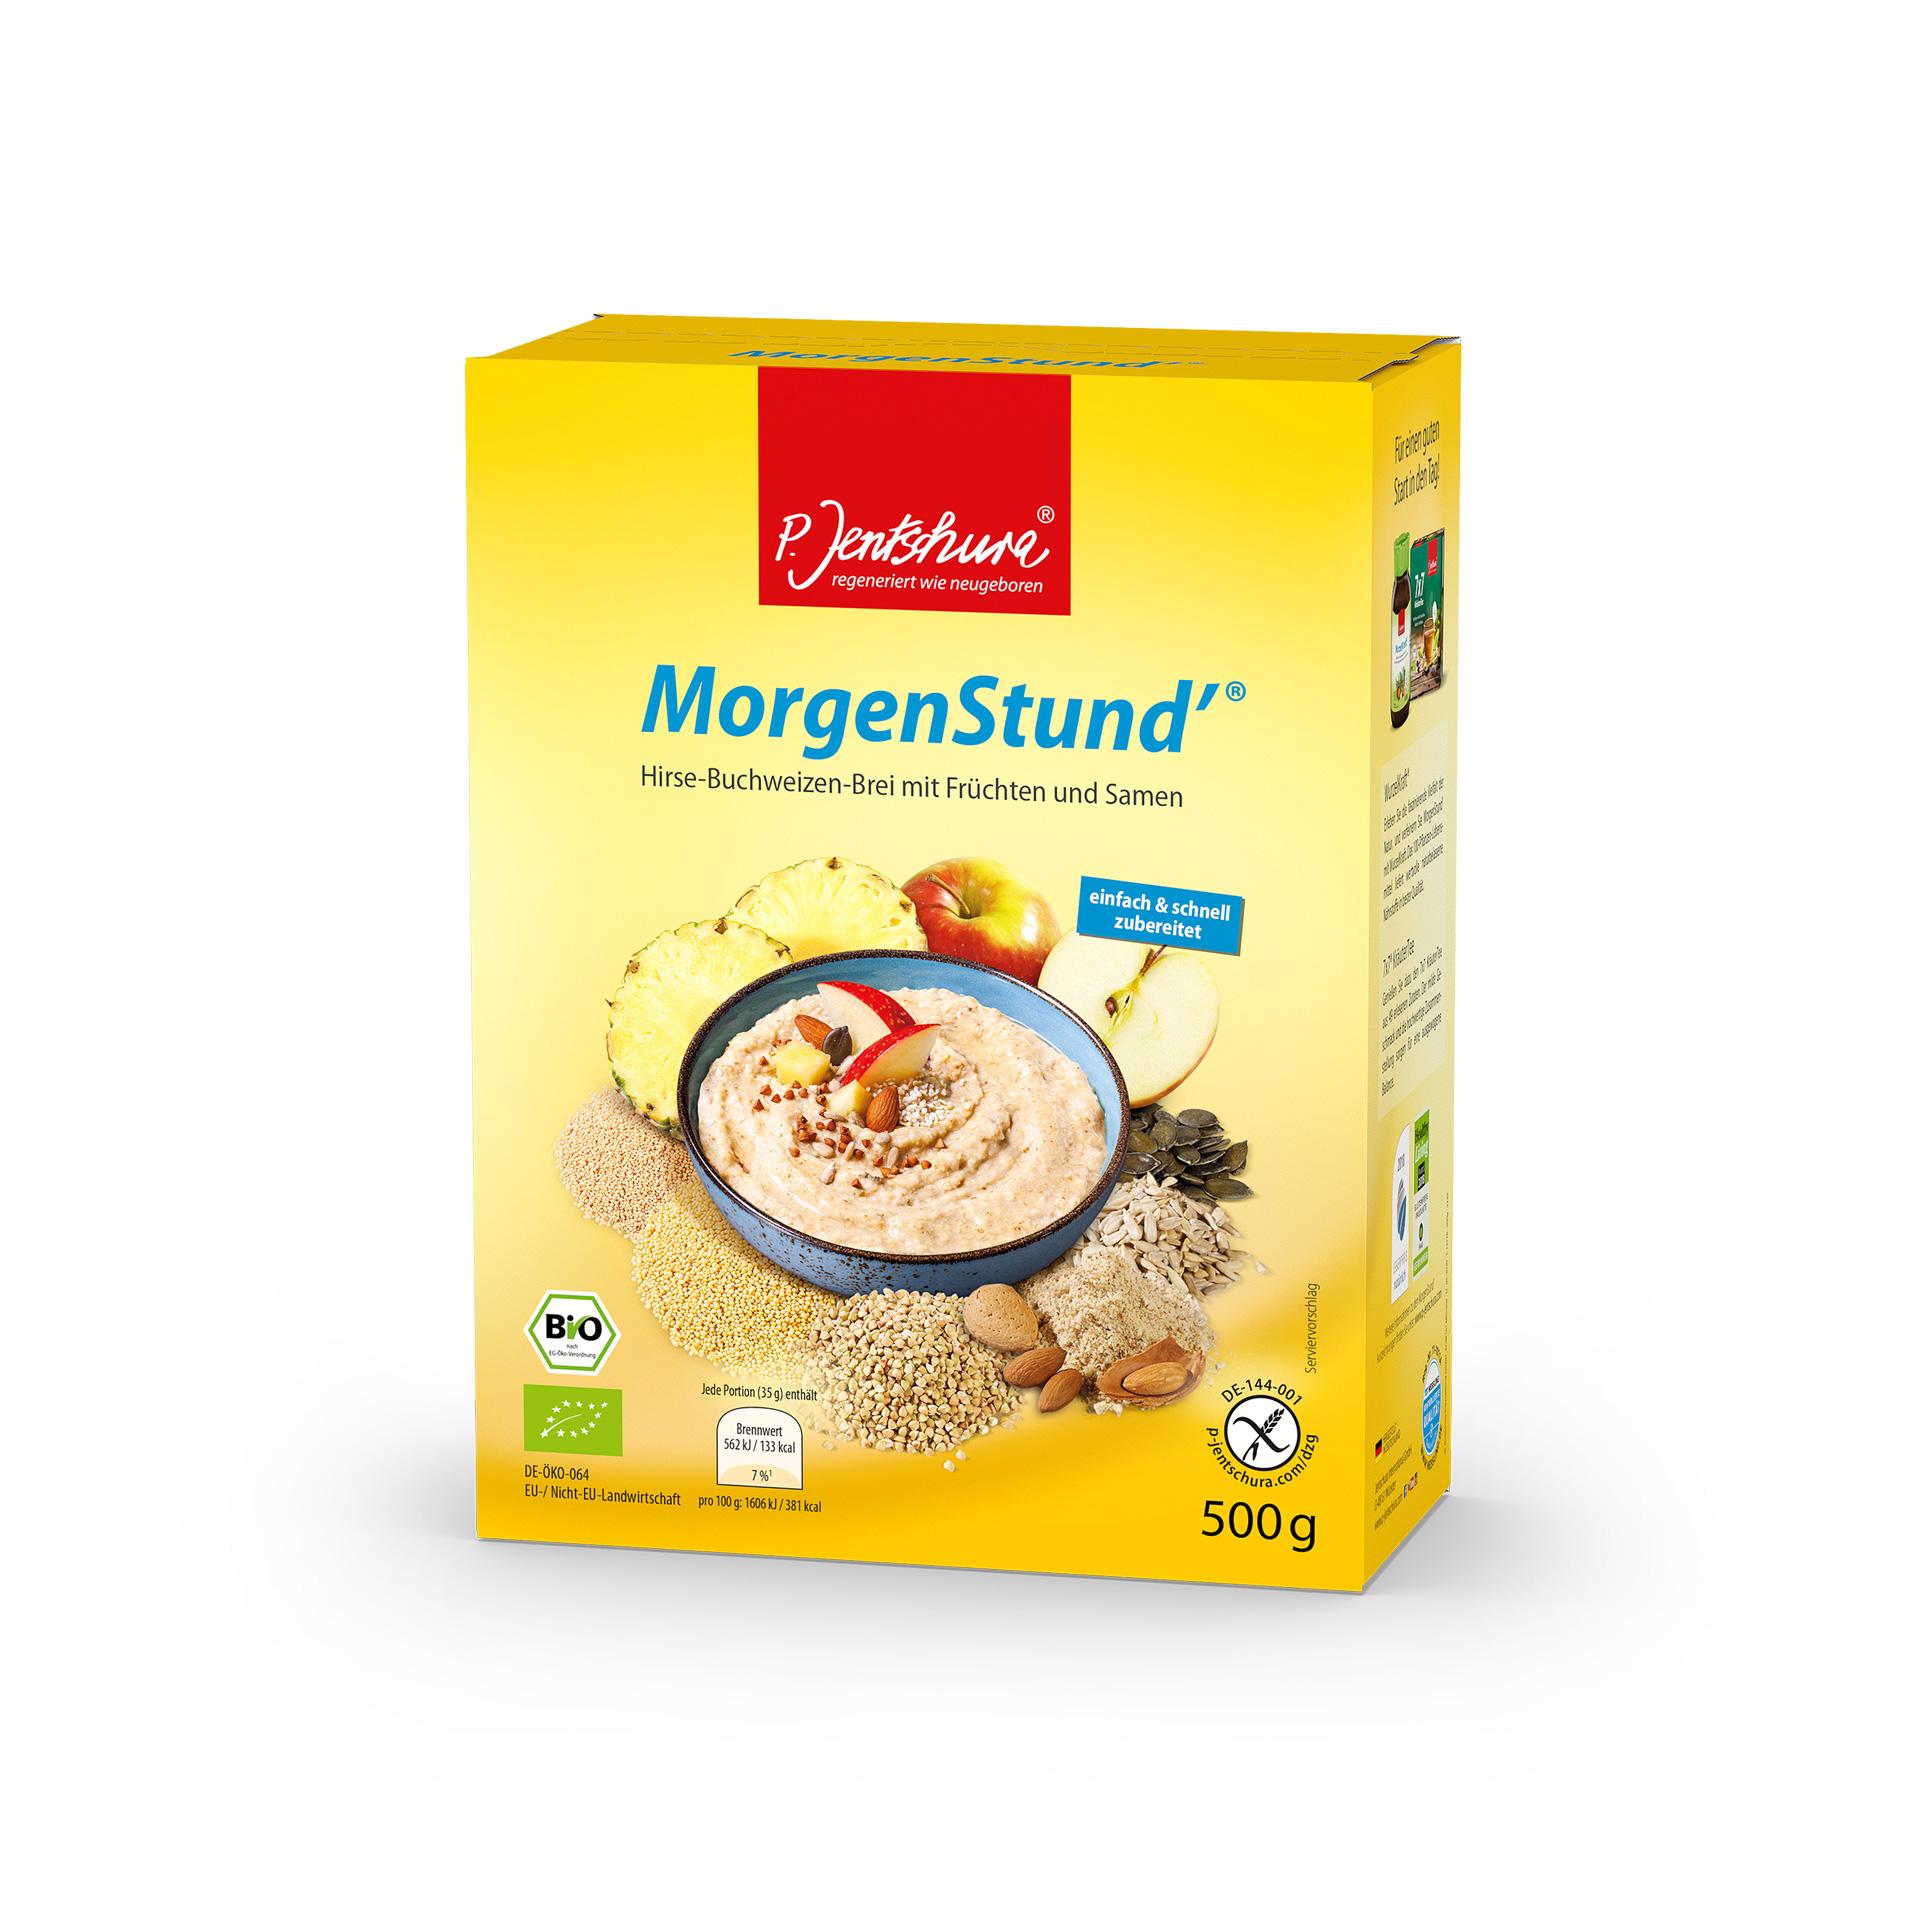 P.Jentschura MorgenStund basischer Frühstücksbrei